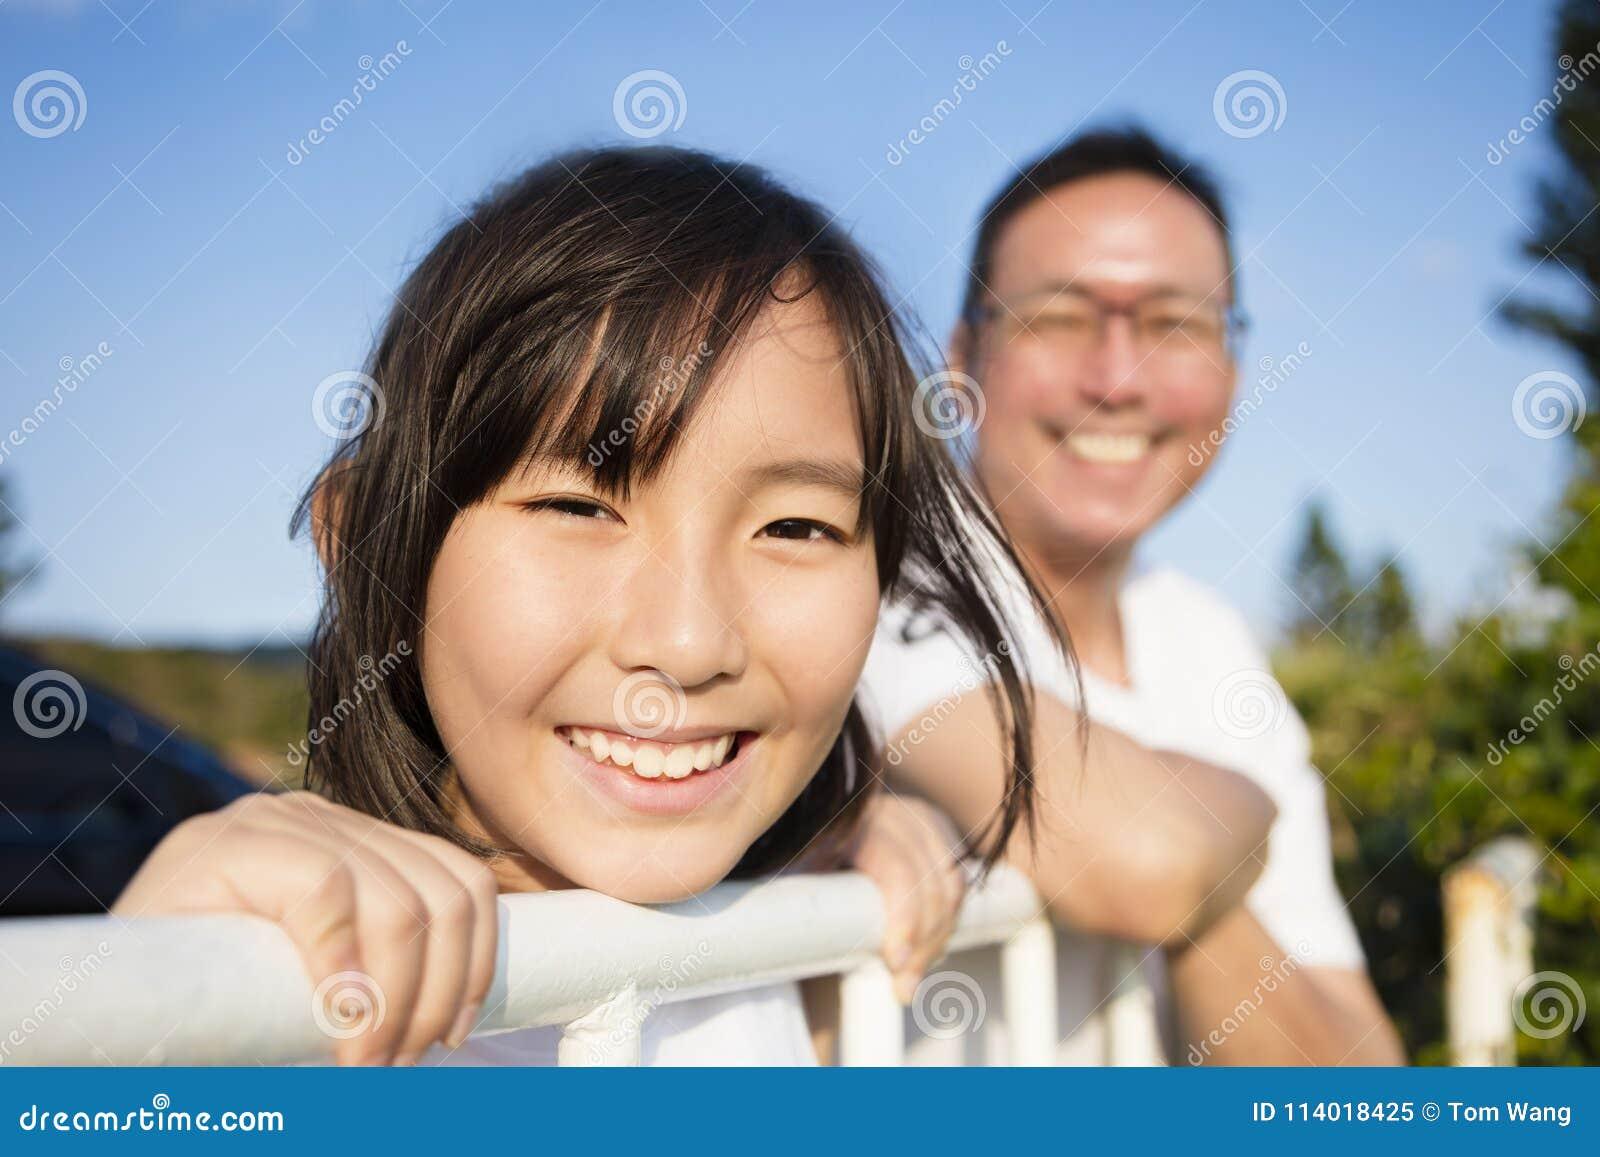 Vater mit Tochter genießen die Ansicht